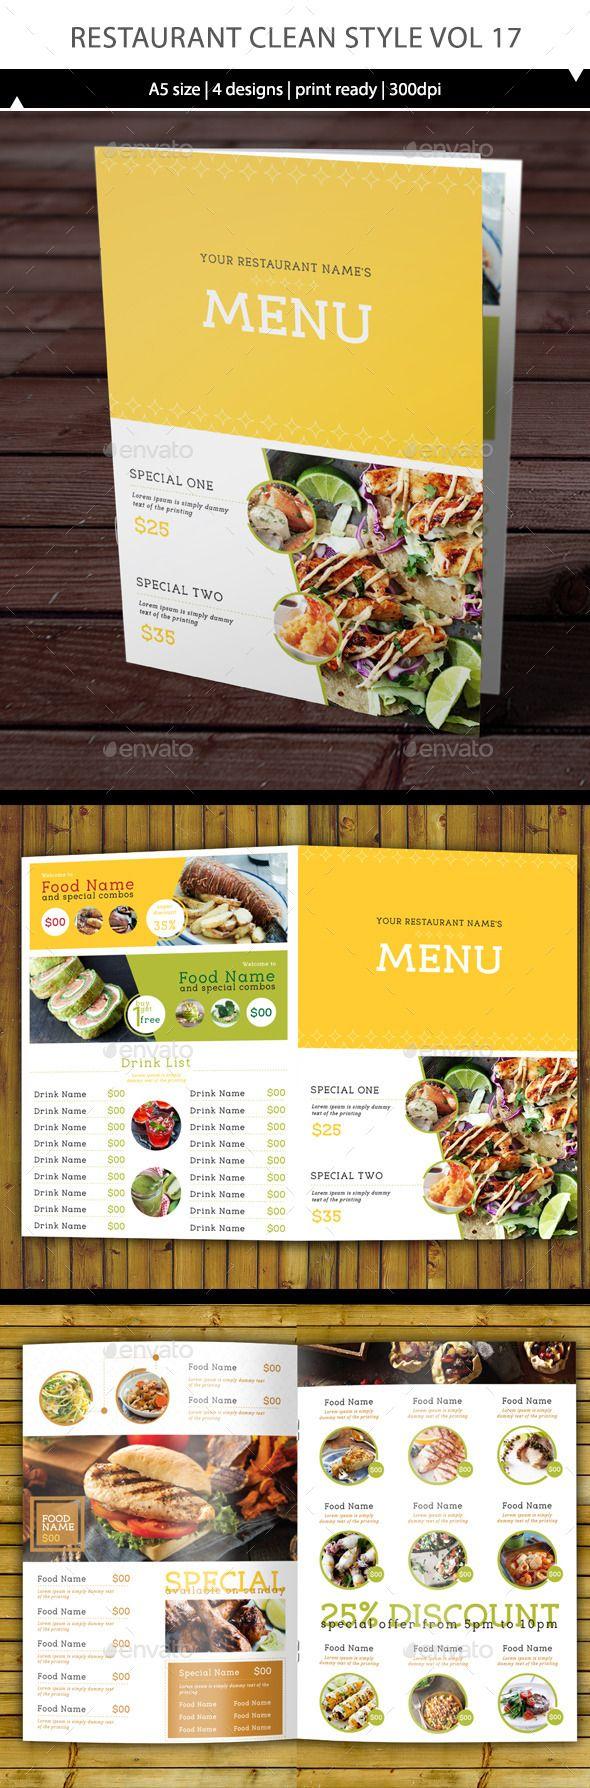 Best Menu Design Images On Pinterest Restaurant Menu Design